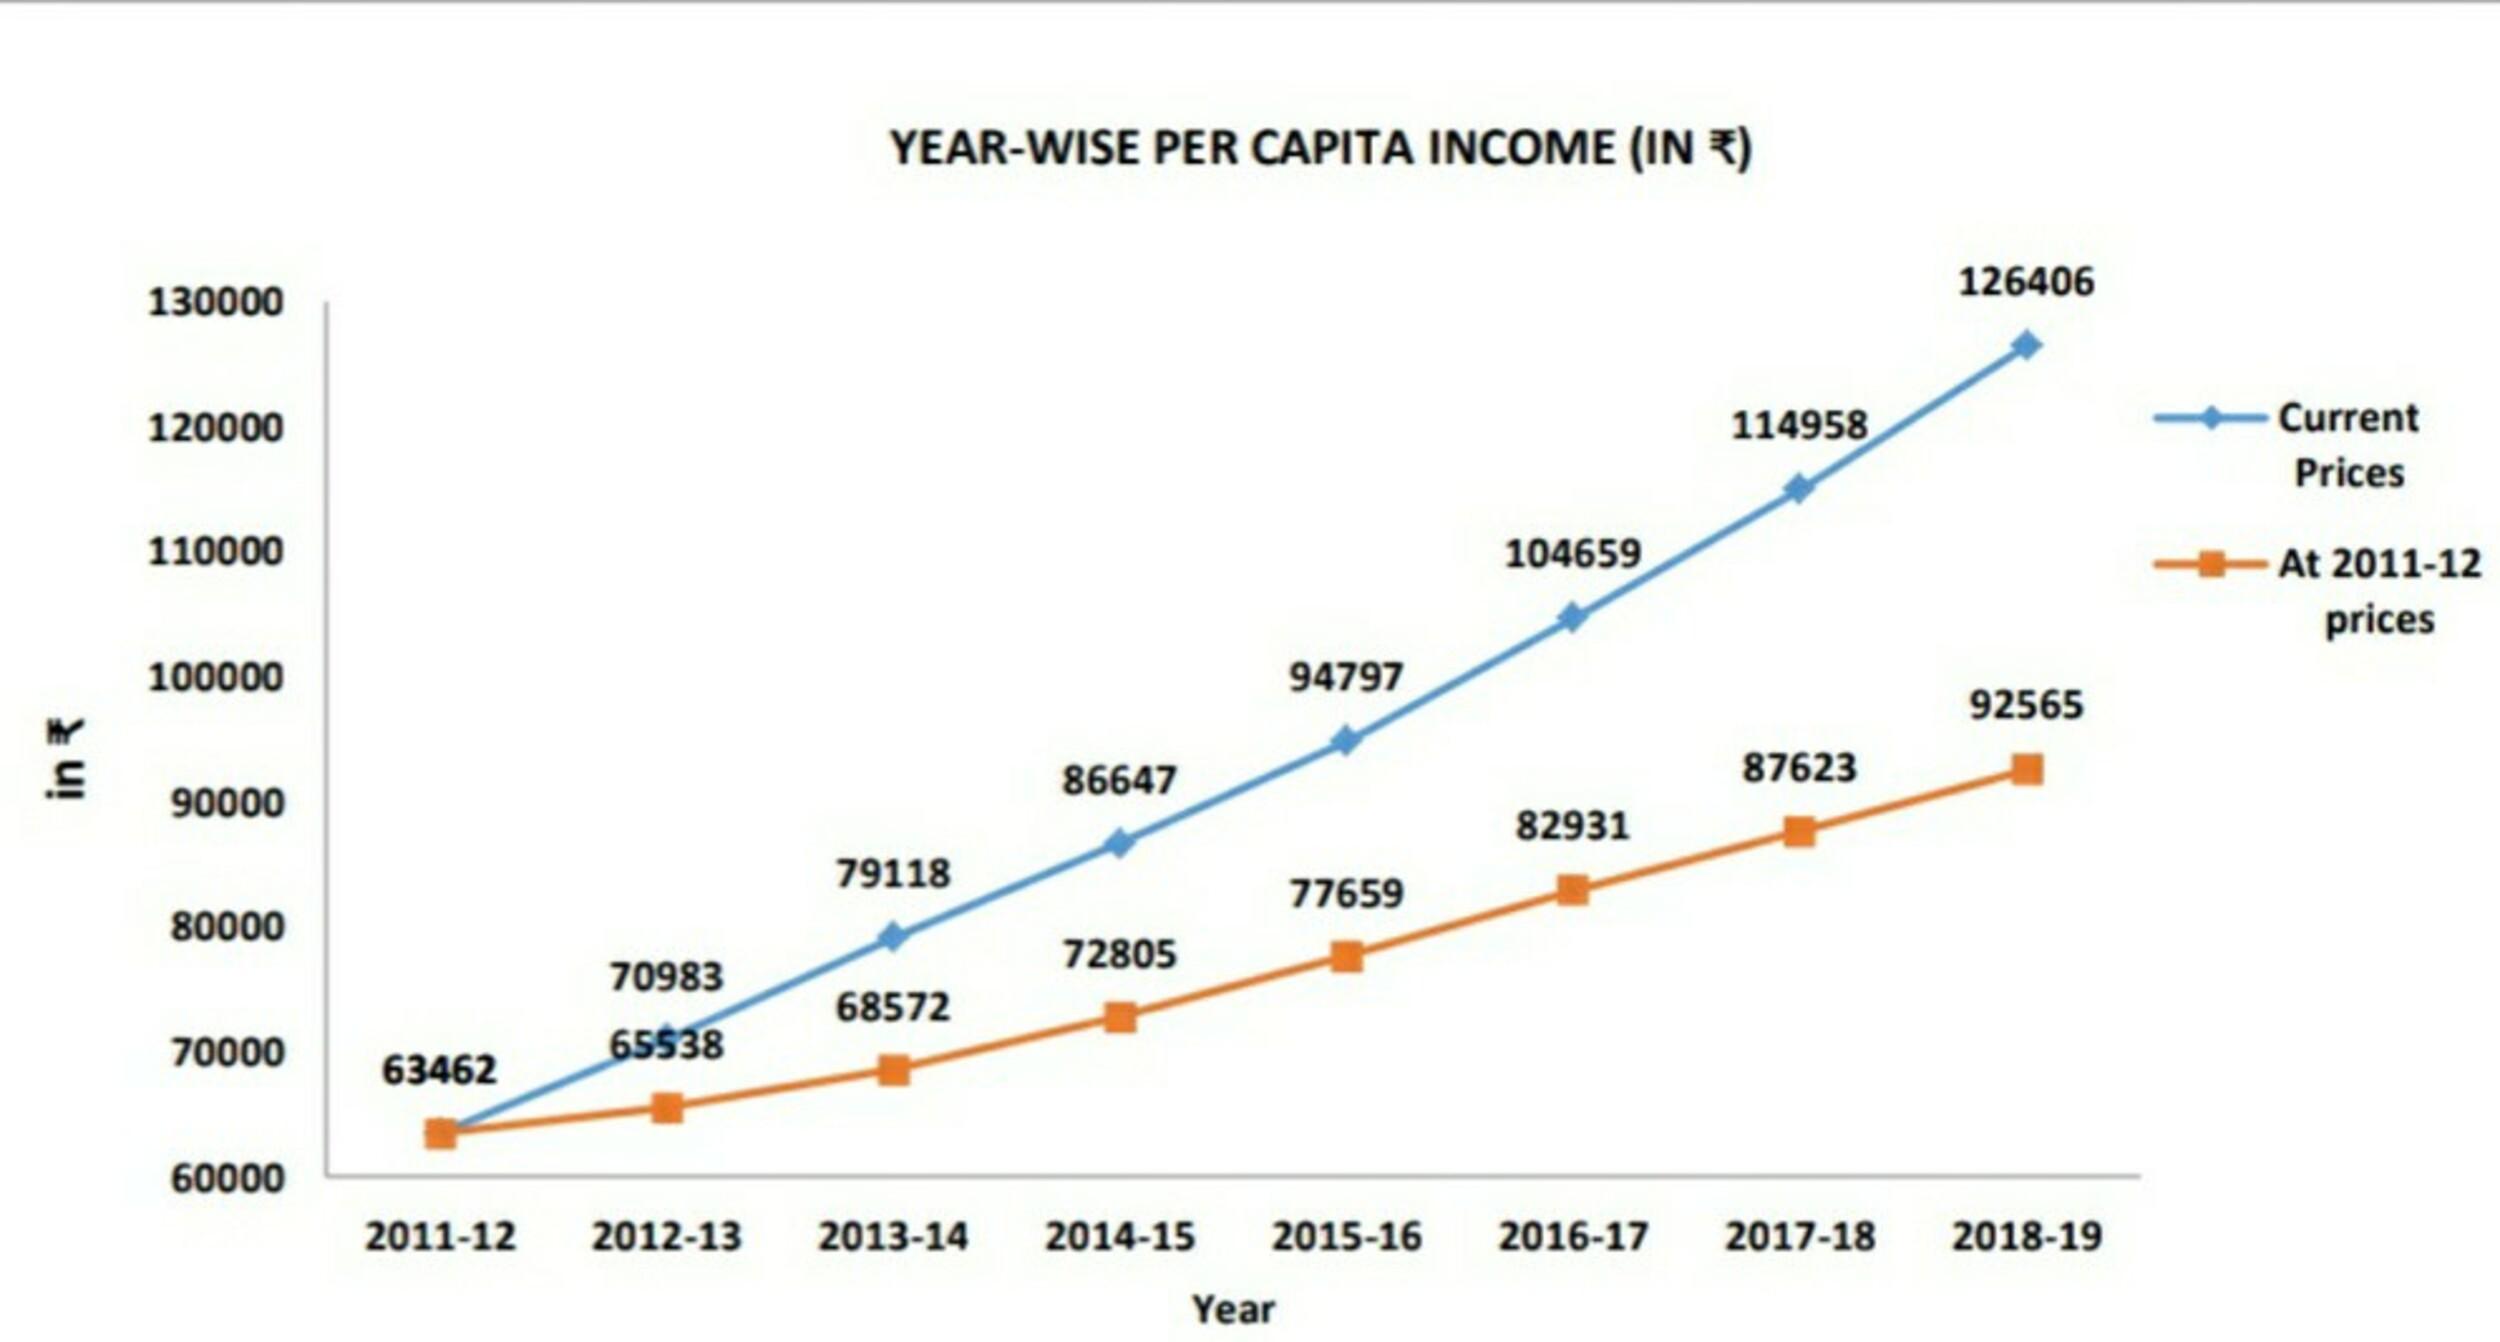 Income Per Capita India